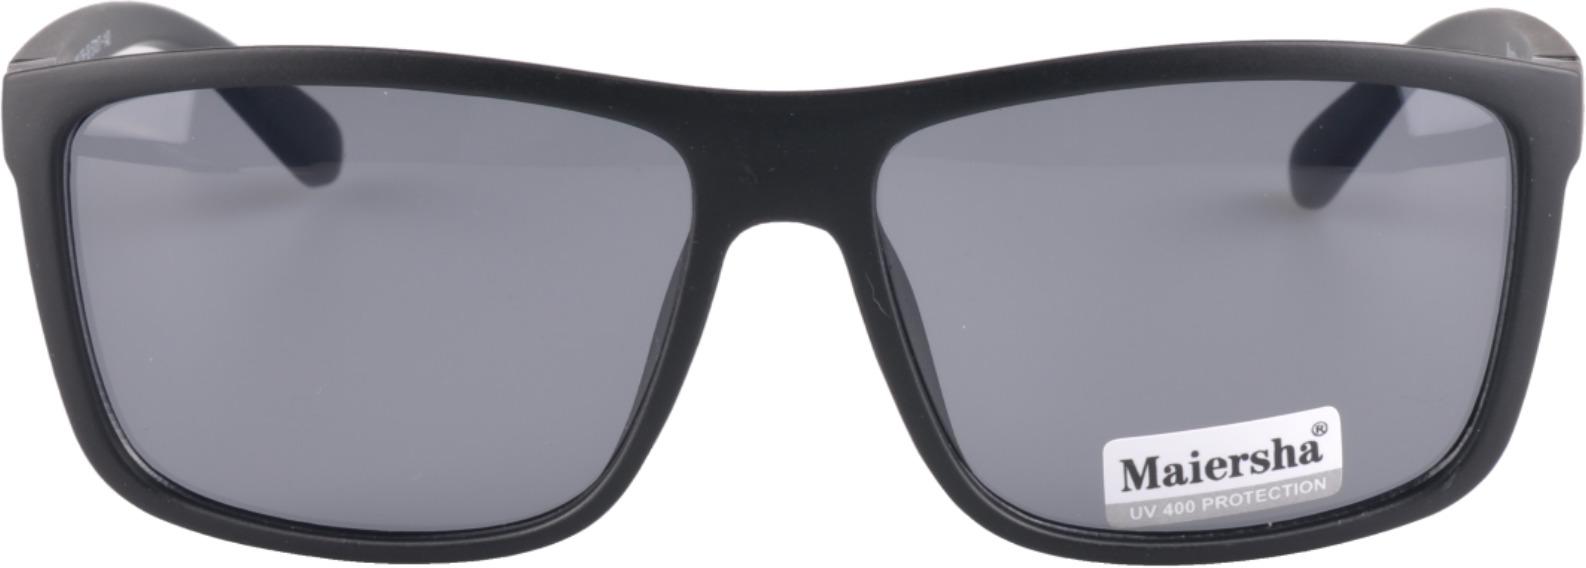 Очки солнцезащитные мужские Maiersha, 3826 С56-08, черный